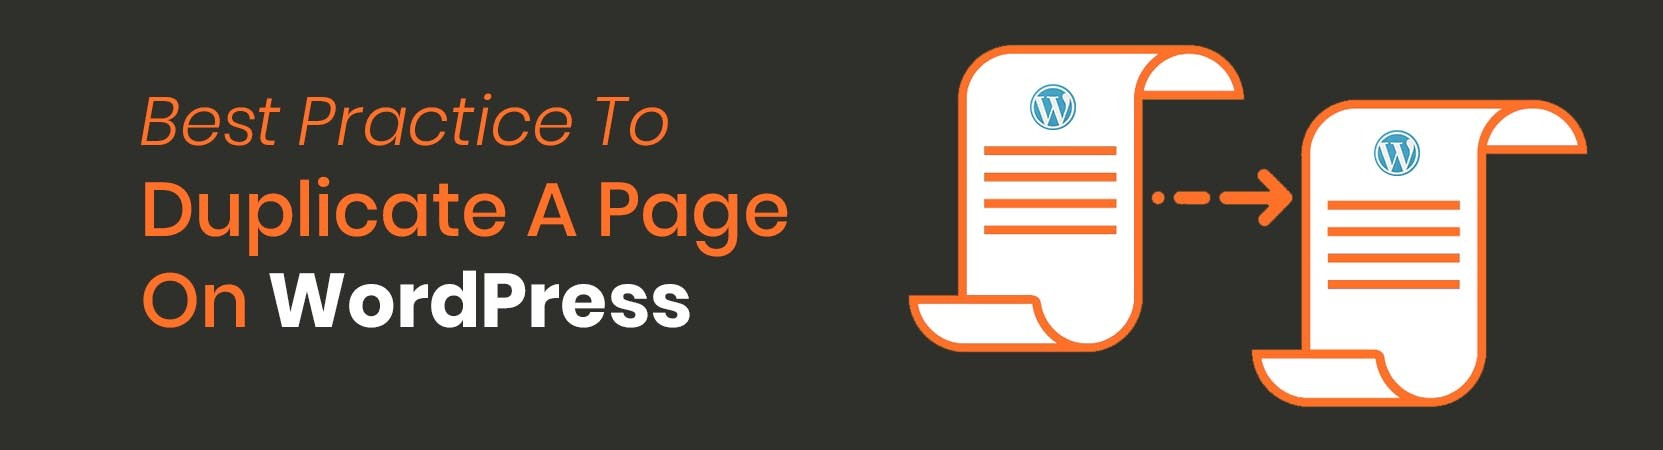 duplicate a page on wordpress